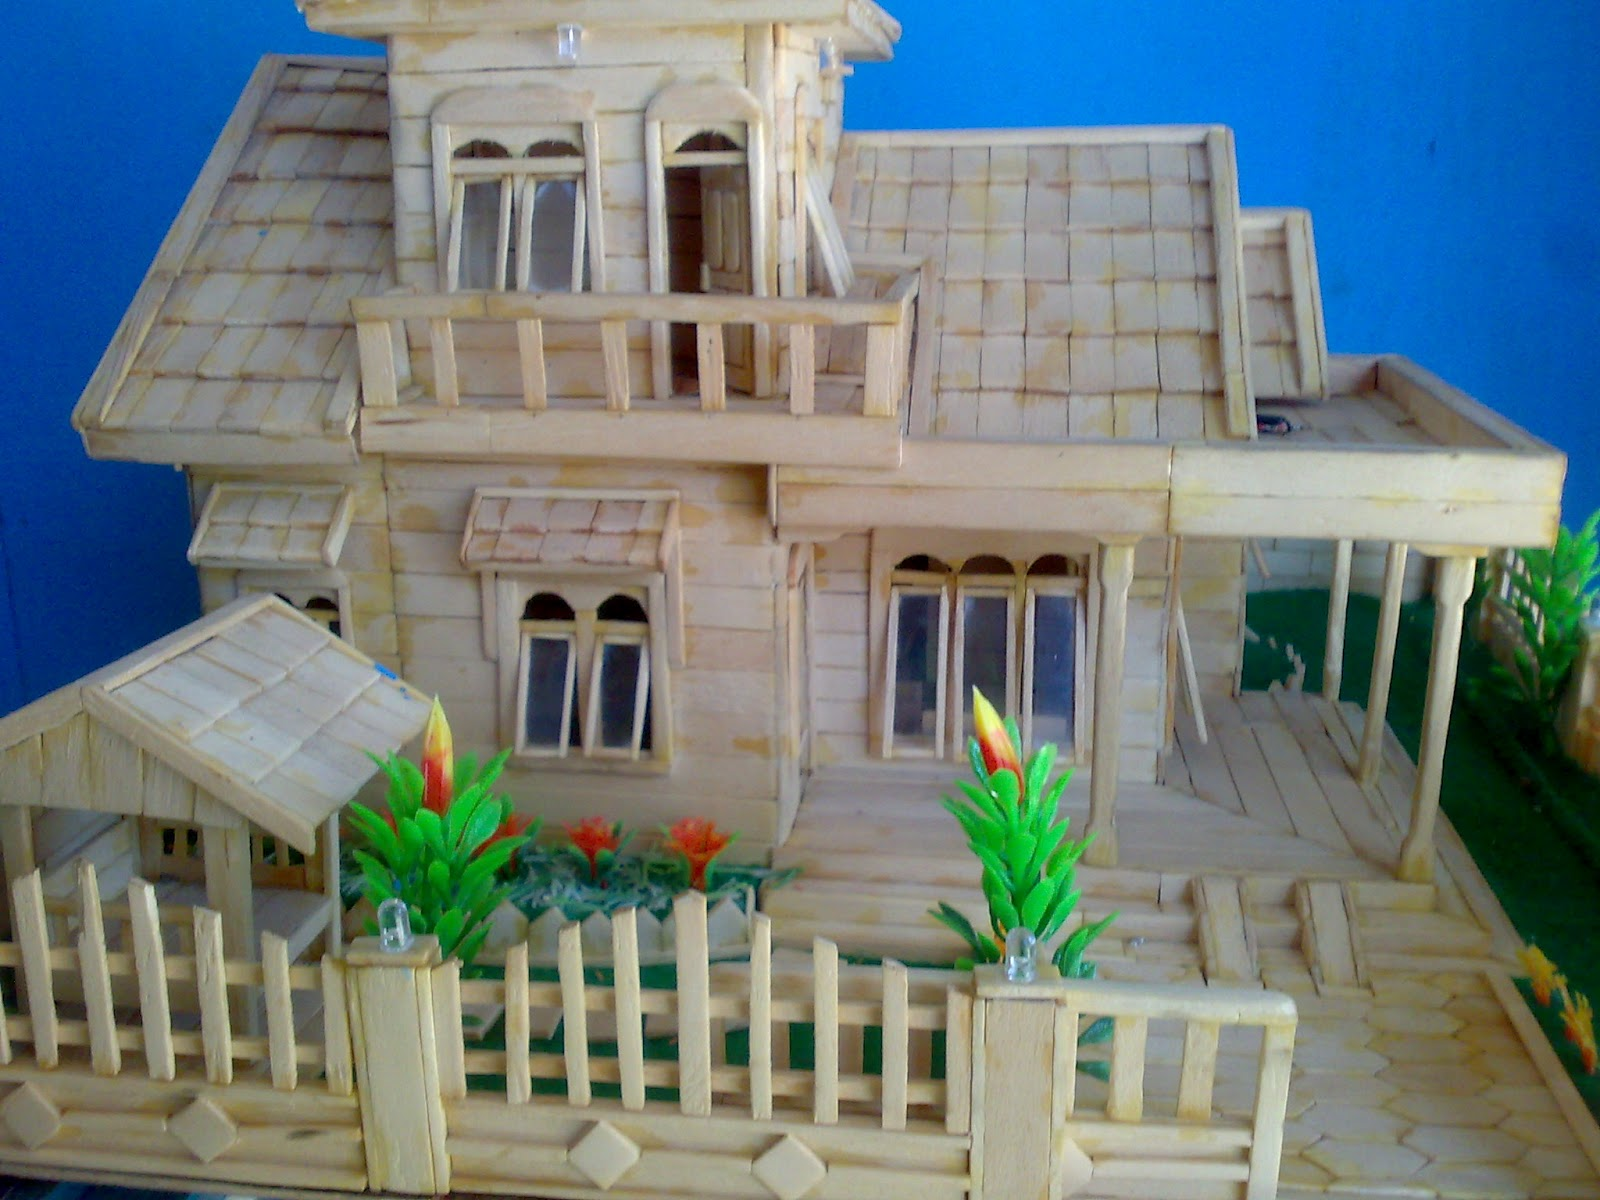 Rumah Dari Stik Es Krim - Belajar Computer Dunia Maya